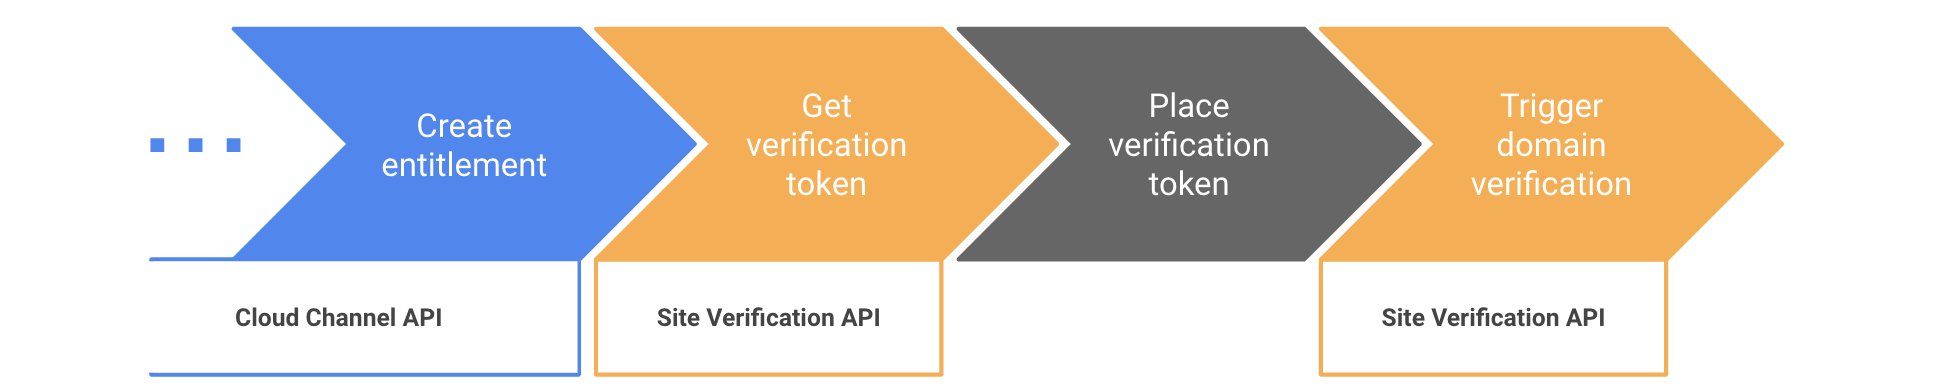 Langkah-langkah untuk mengotomatiskan verifikasi domain